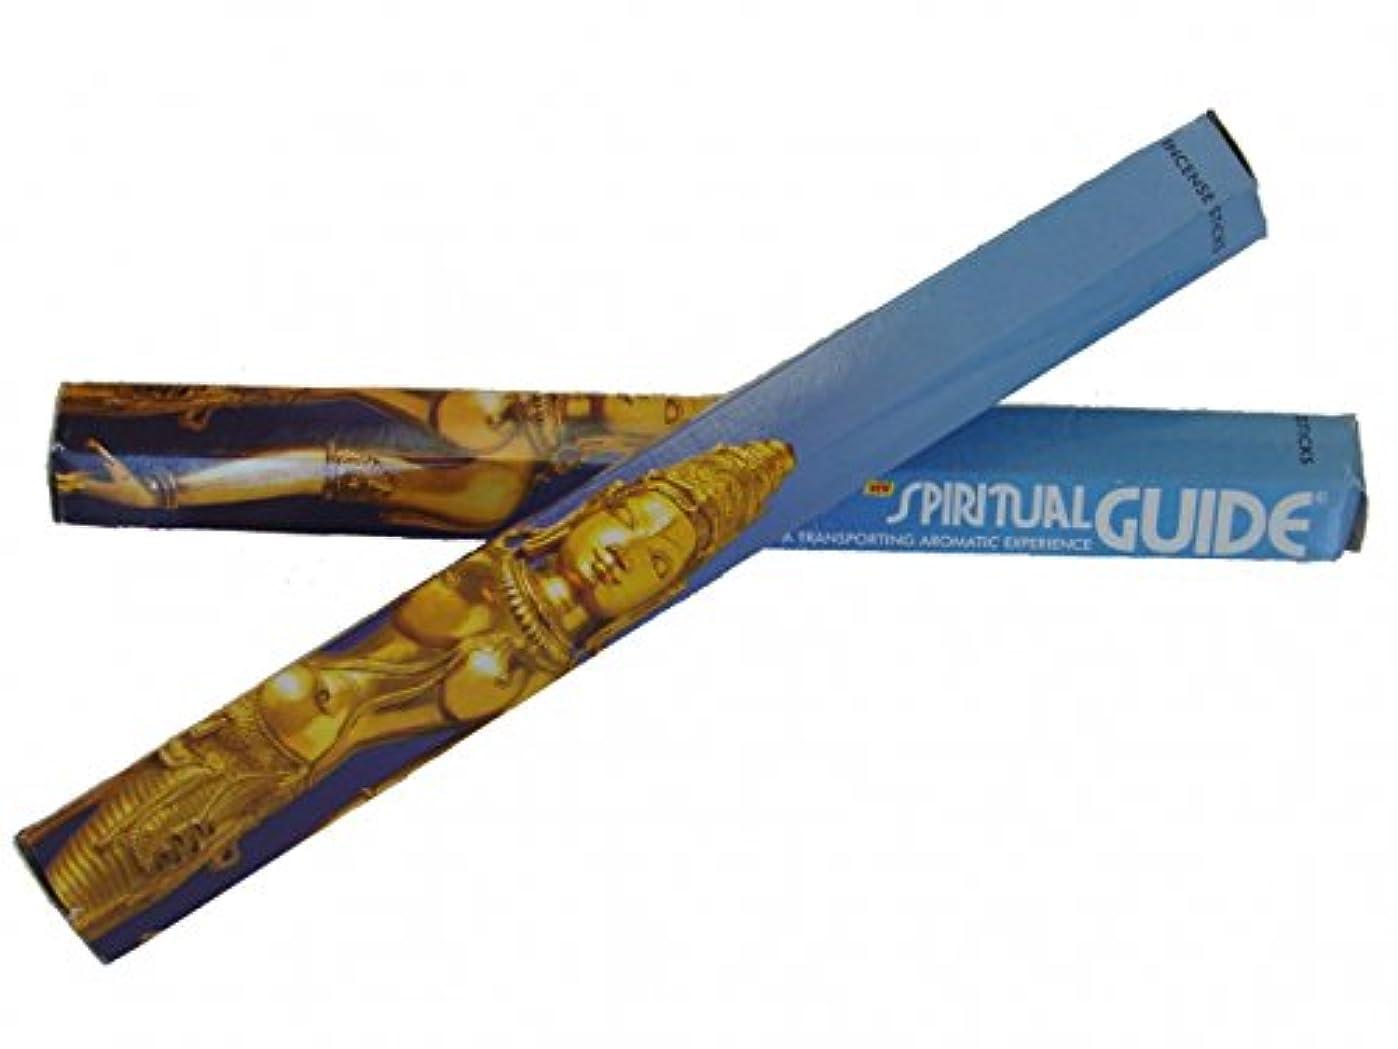 塩飲食店冷酷な2 Boxes of Spiritual Guide Incense Sticks